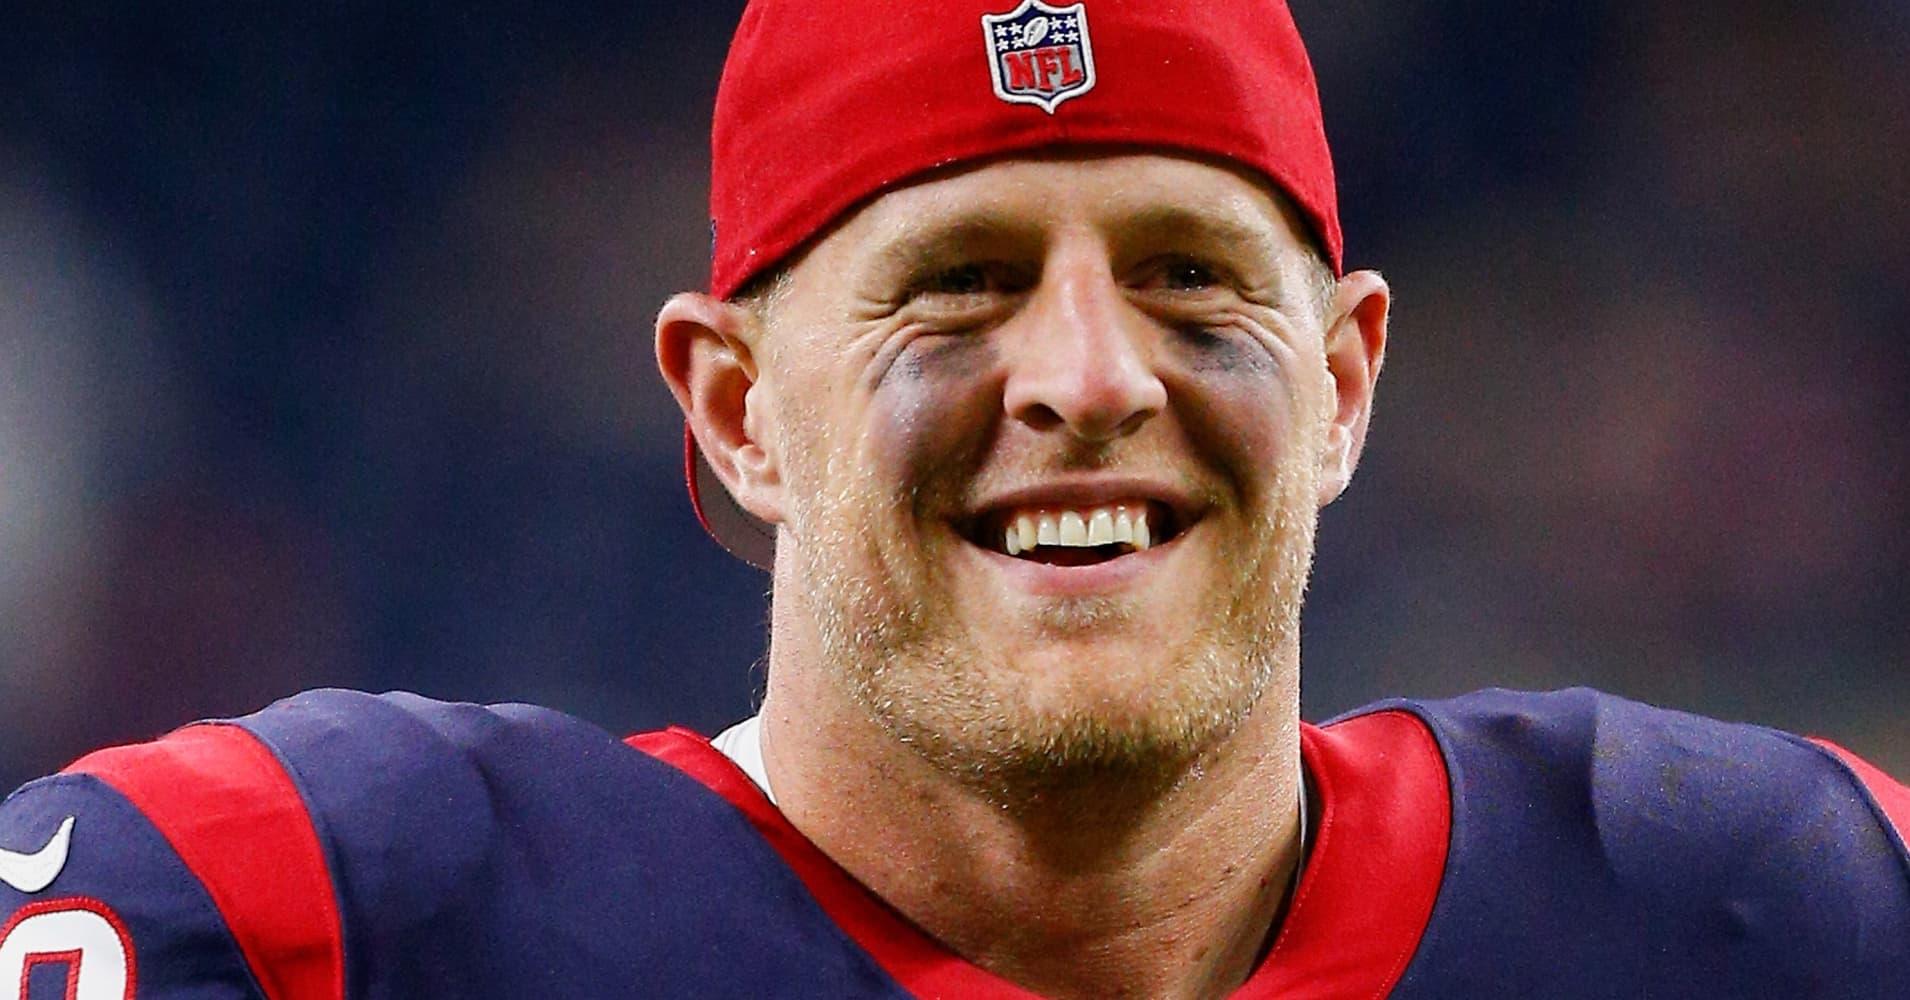 NFL s J J Watt raised $10 million for Harvey